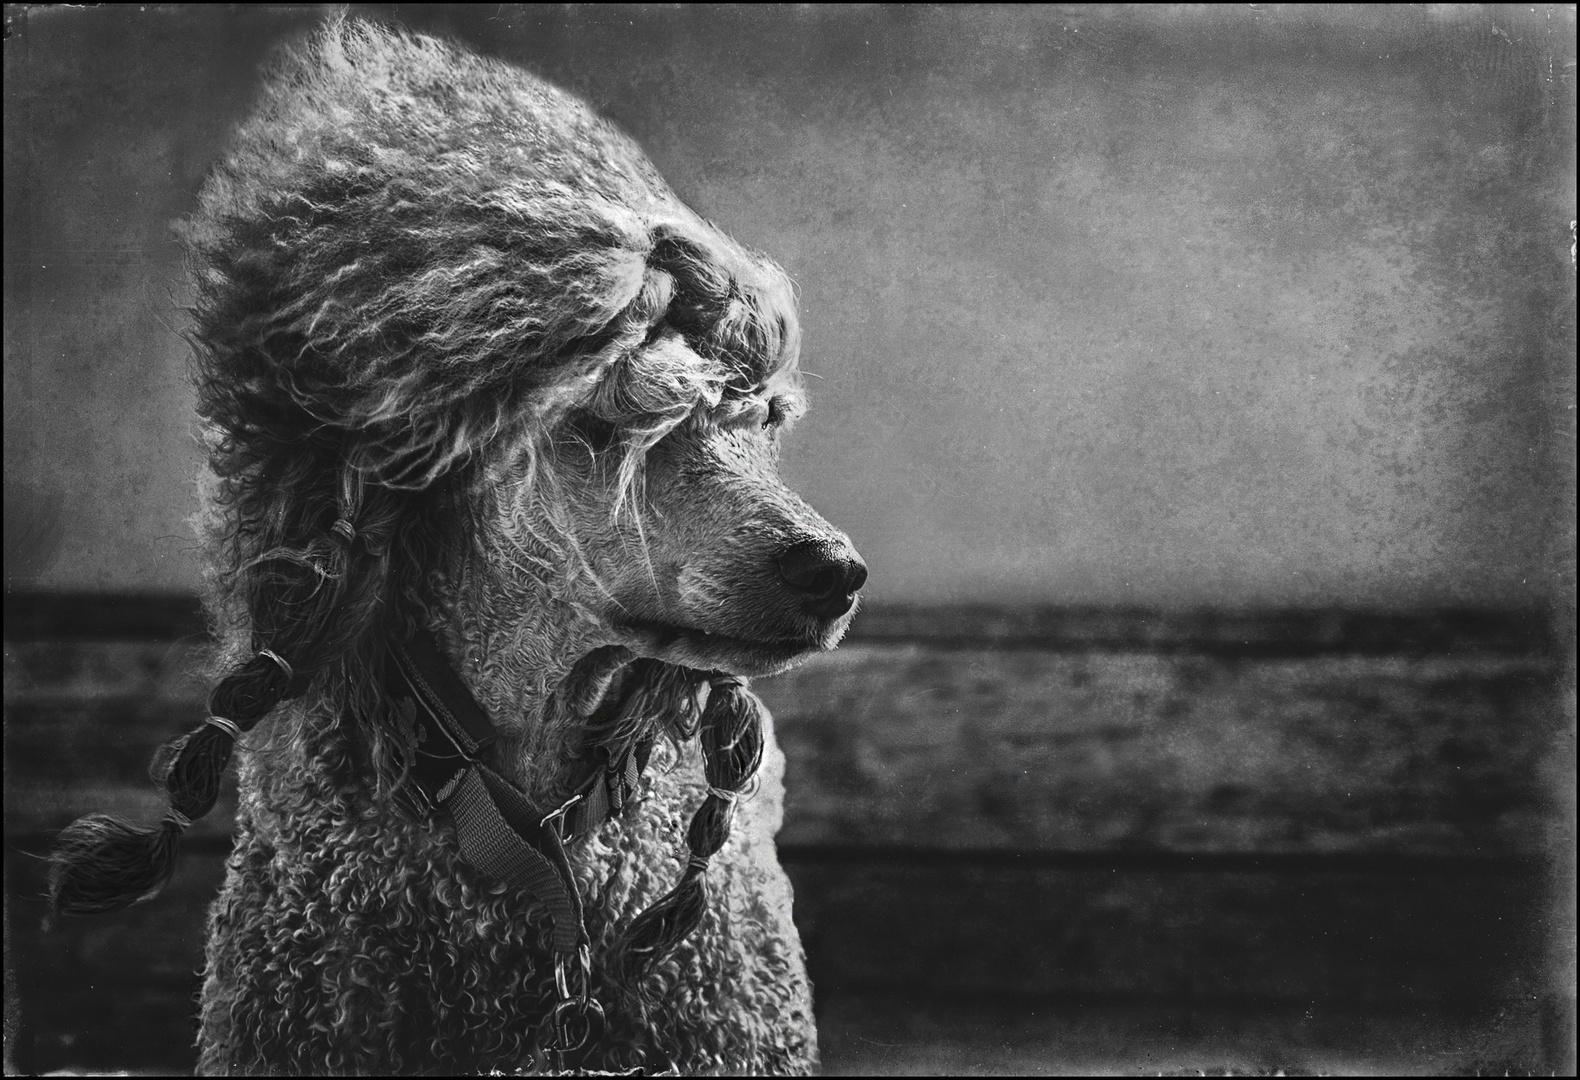 Colorfoto-Contest Tierportraits - Sturmfrisur